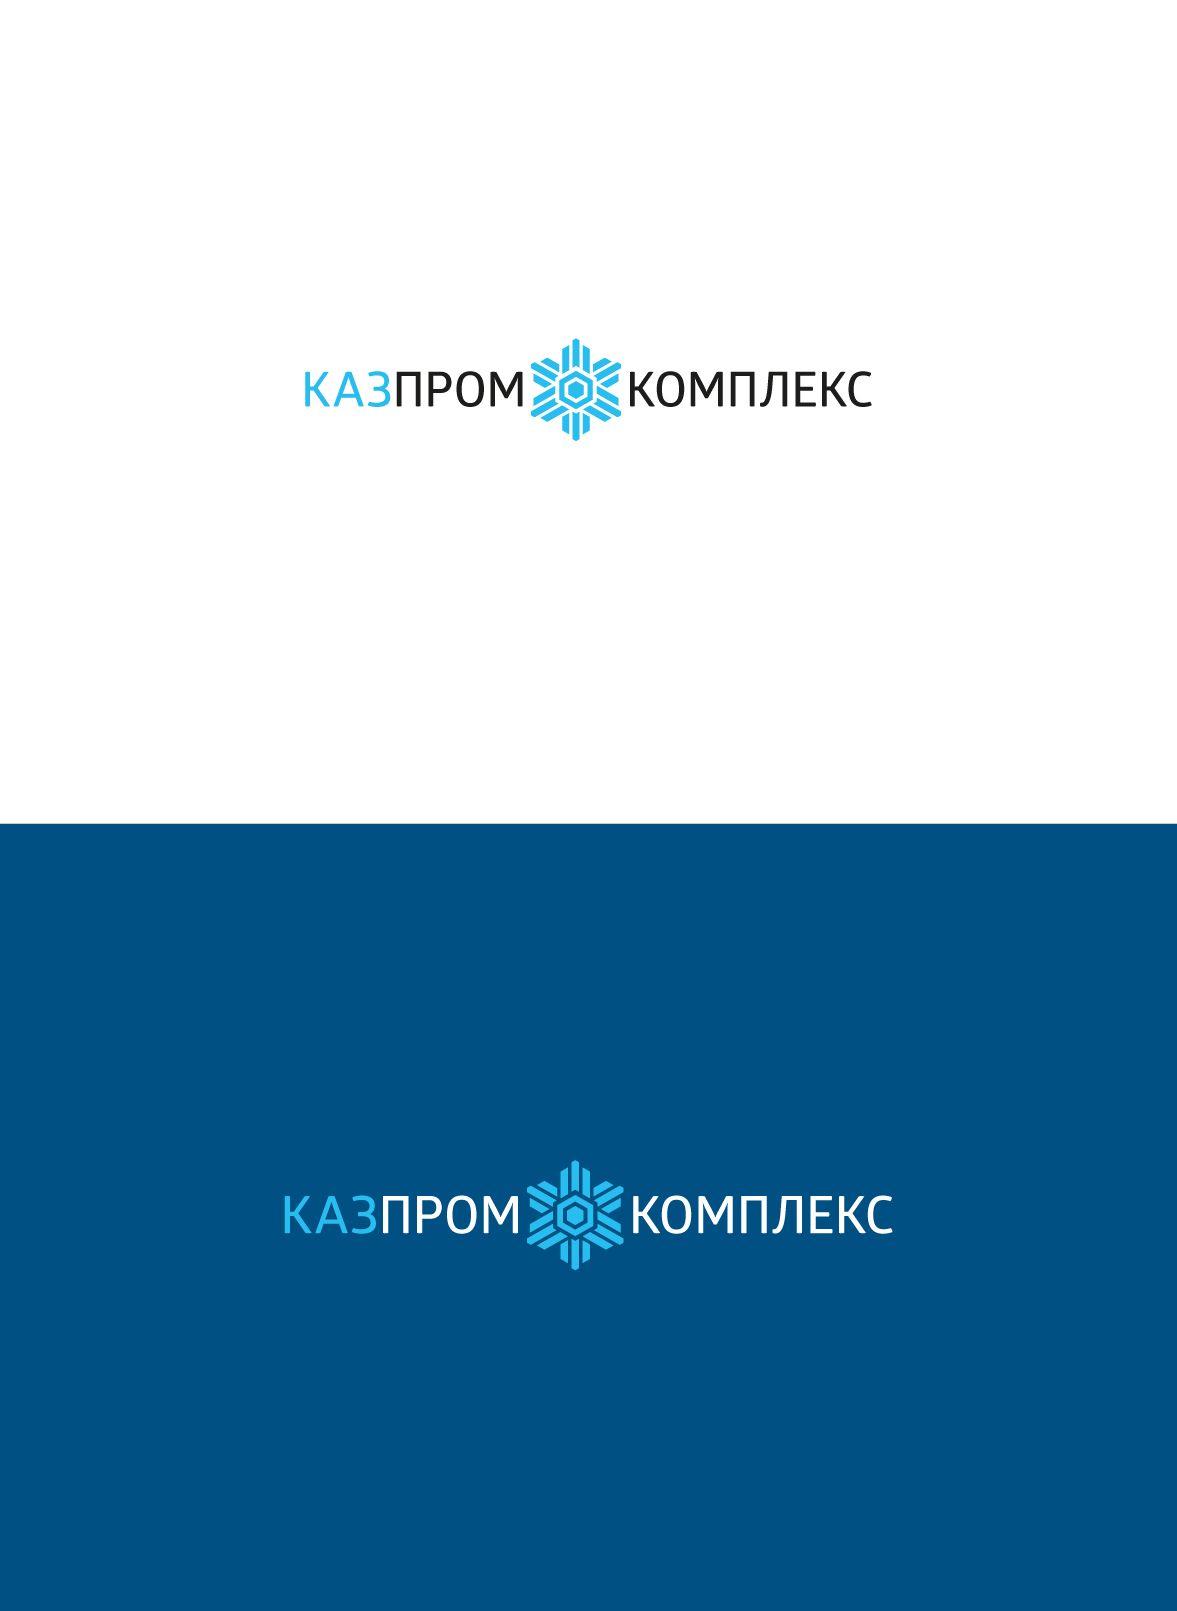 Редизайн логотипа, создание фирменного стиля - дизайнер shamaevserg